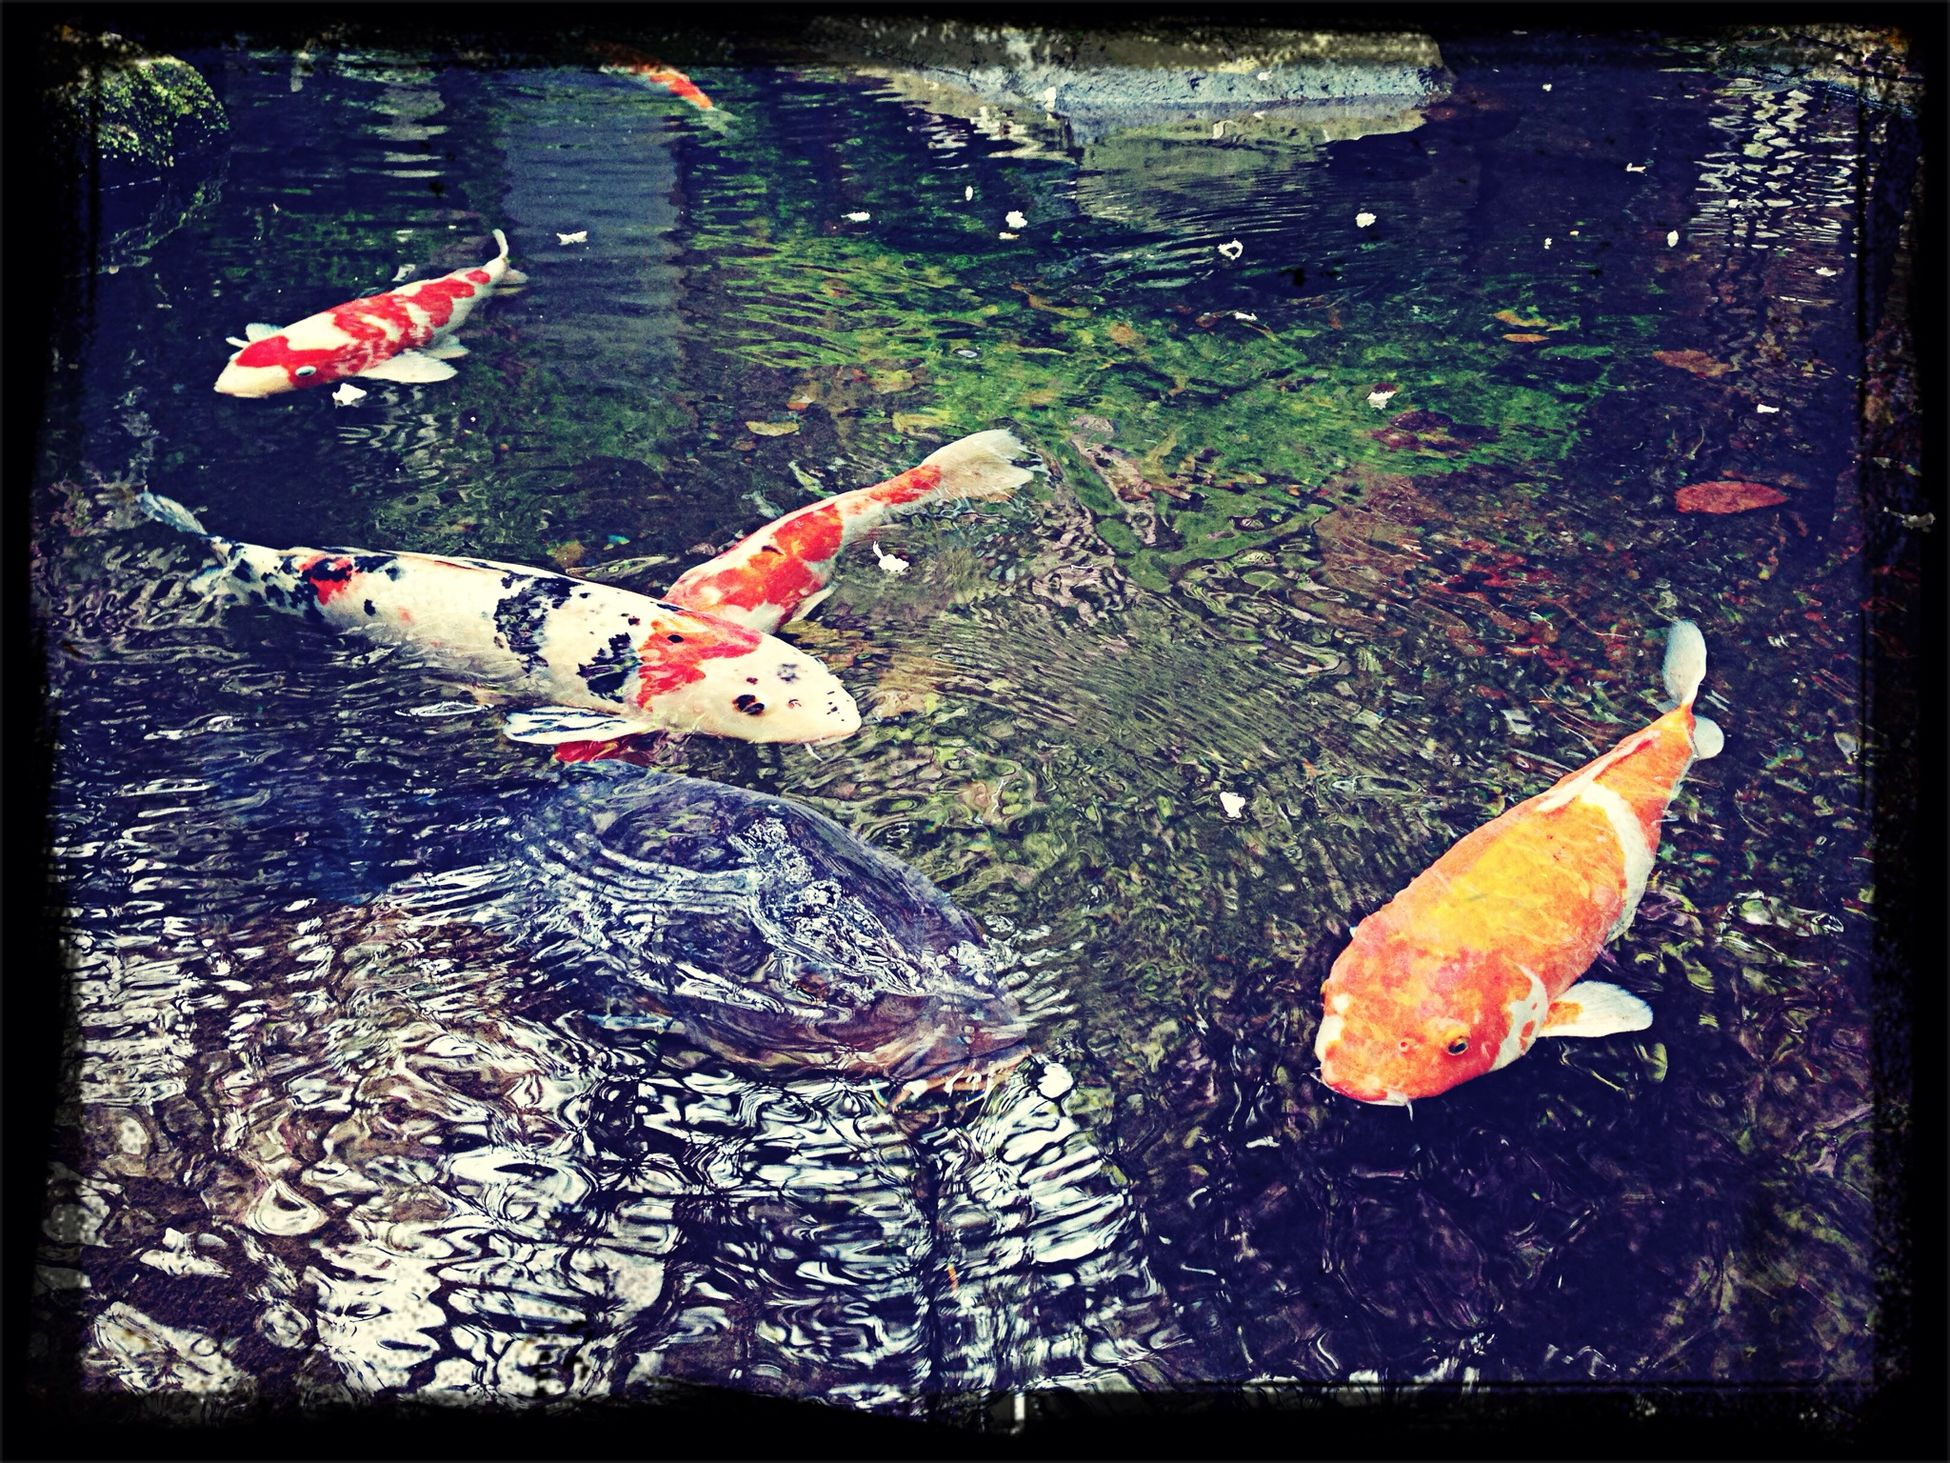 鯉-carp- Carp